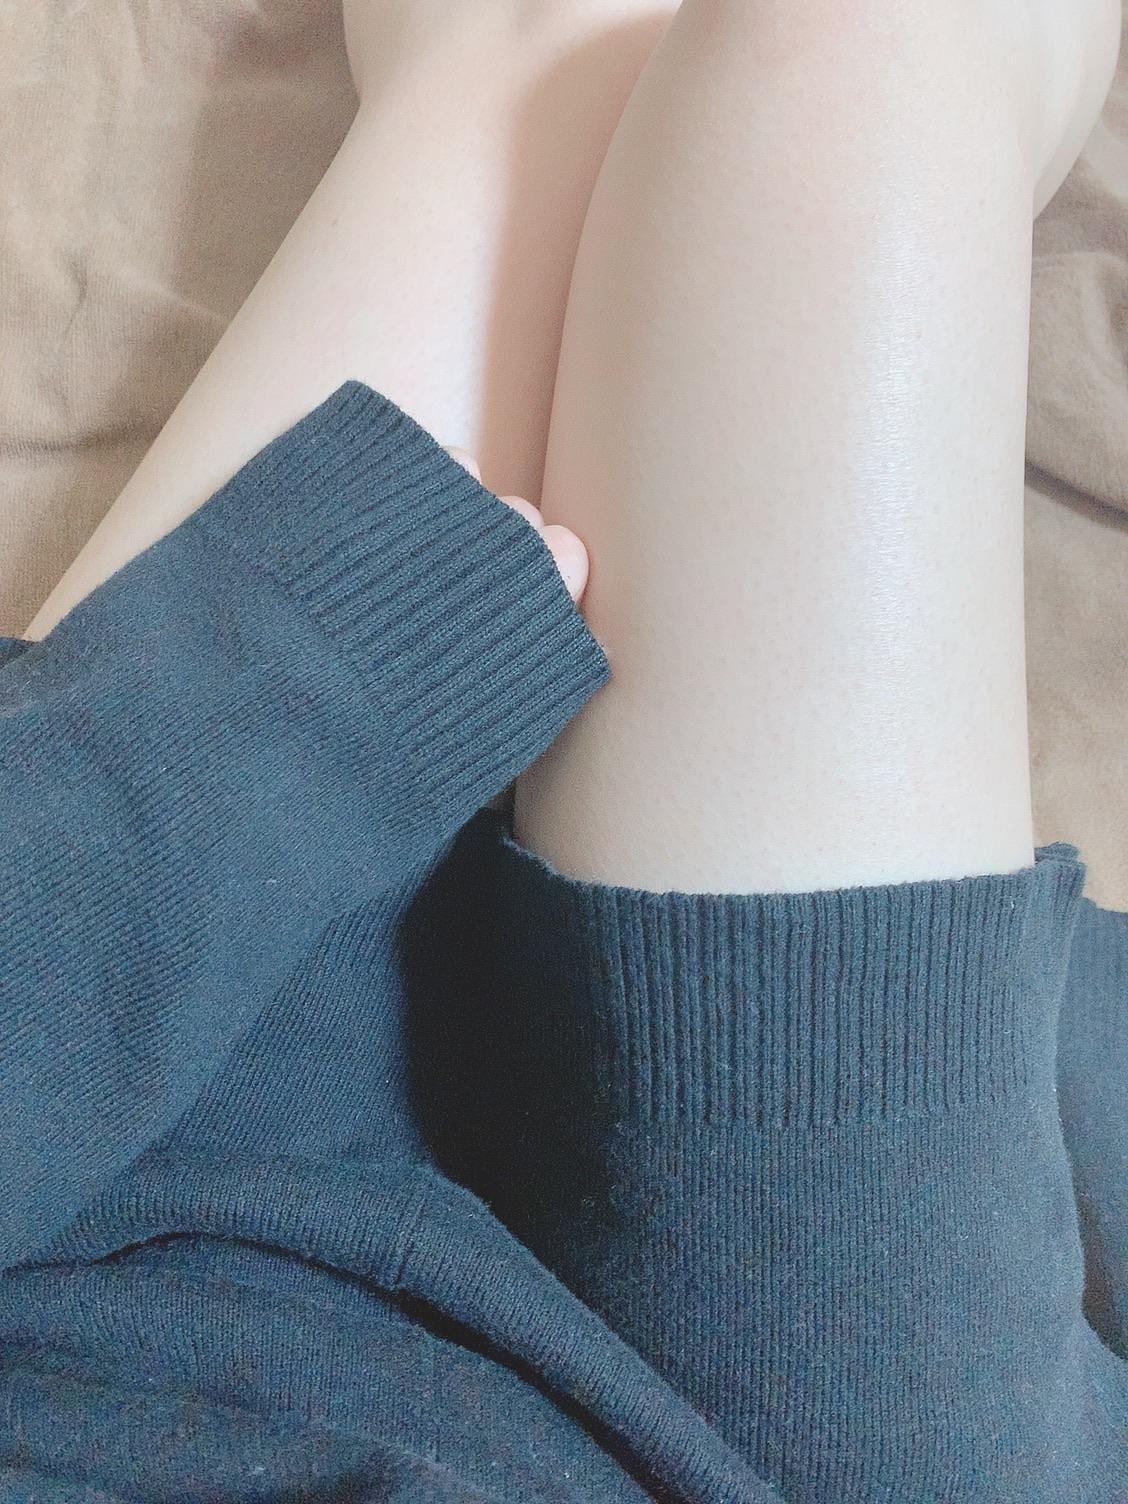 「こんにちは(^^)」02/28(02/28) 12:44 | まなみの写メ・風俗動画